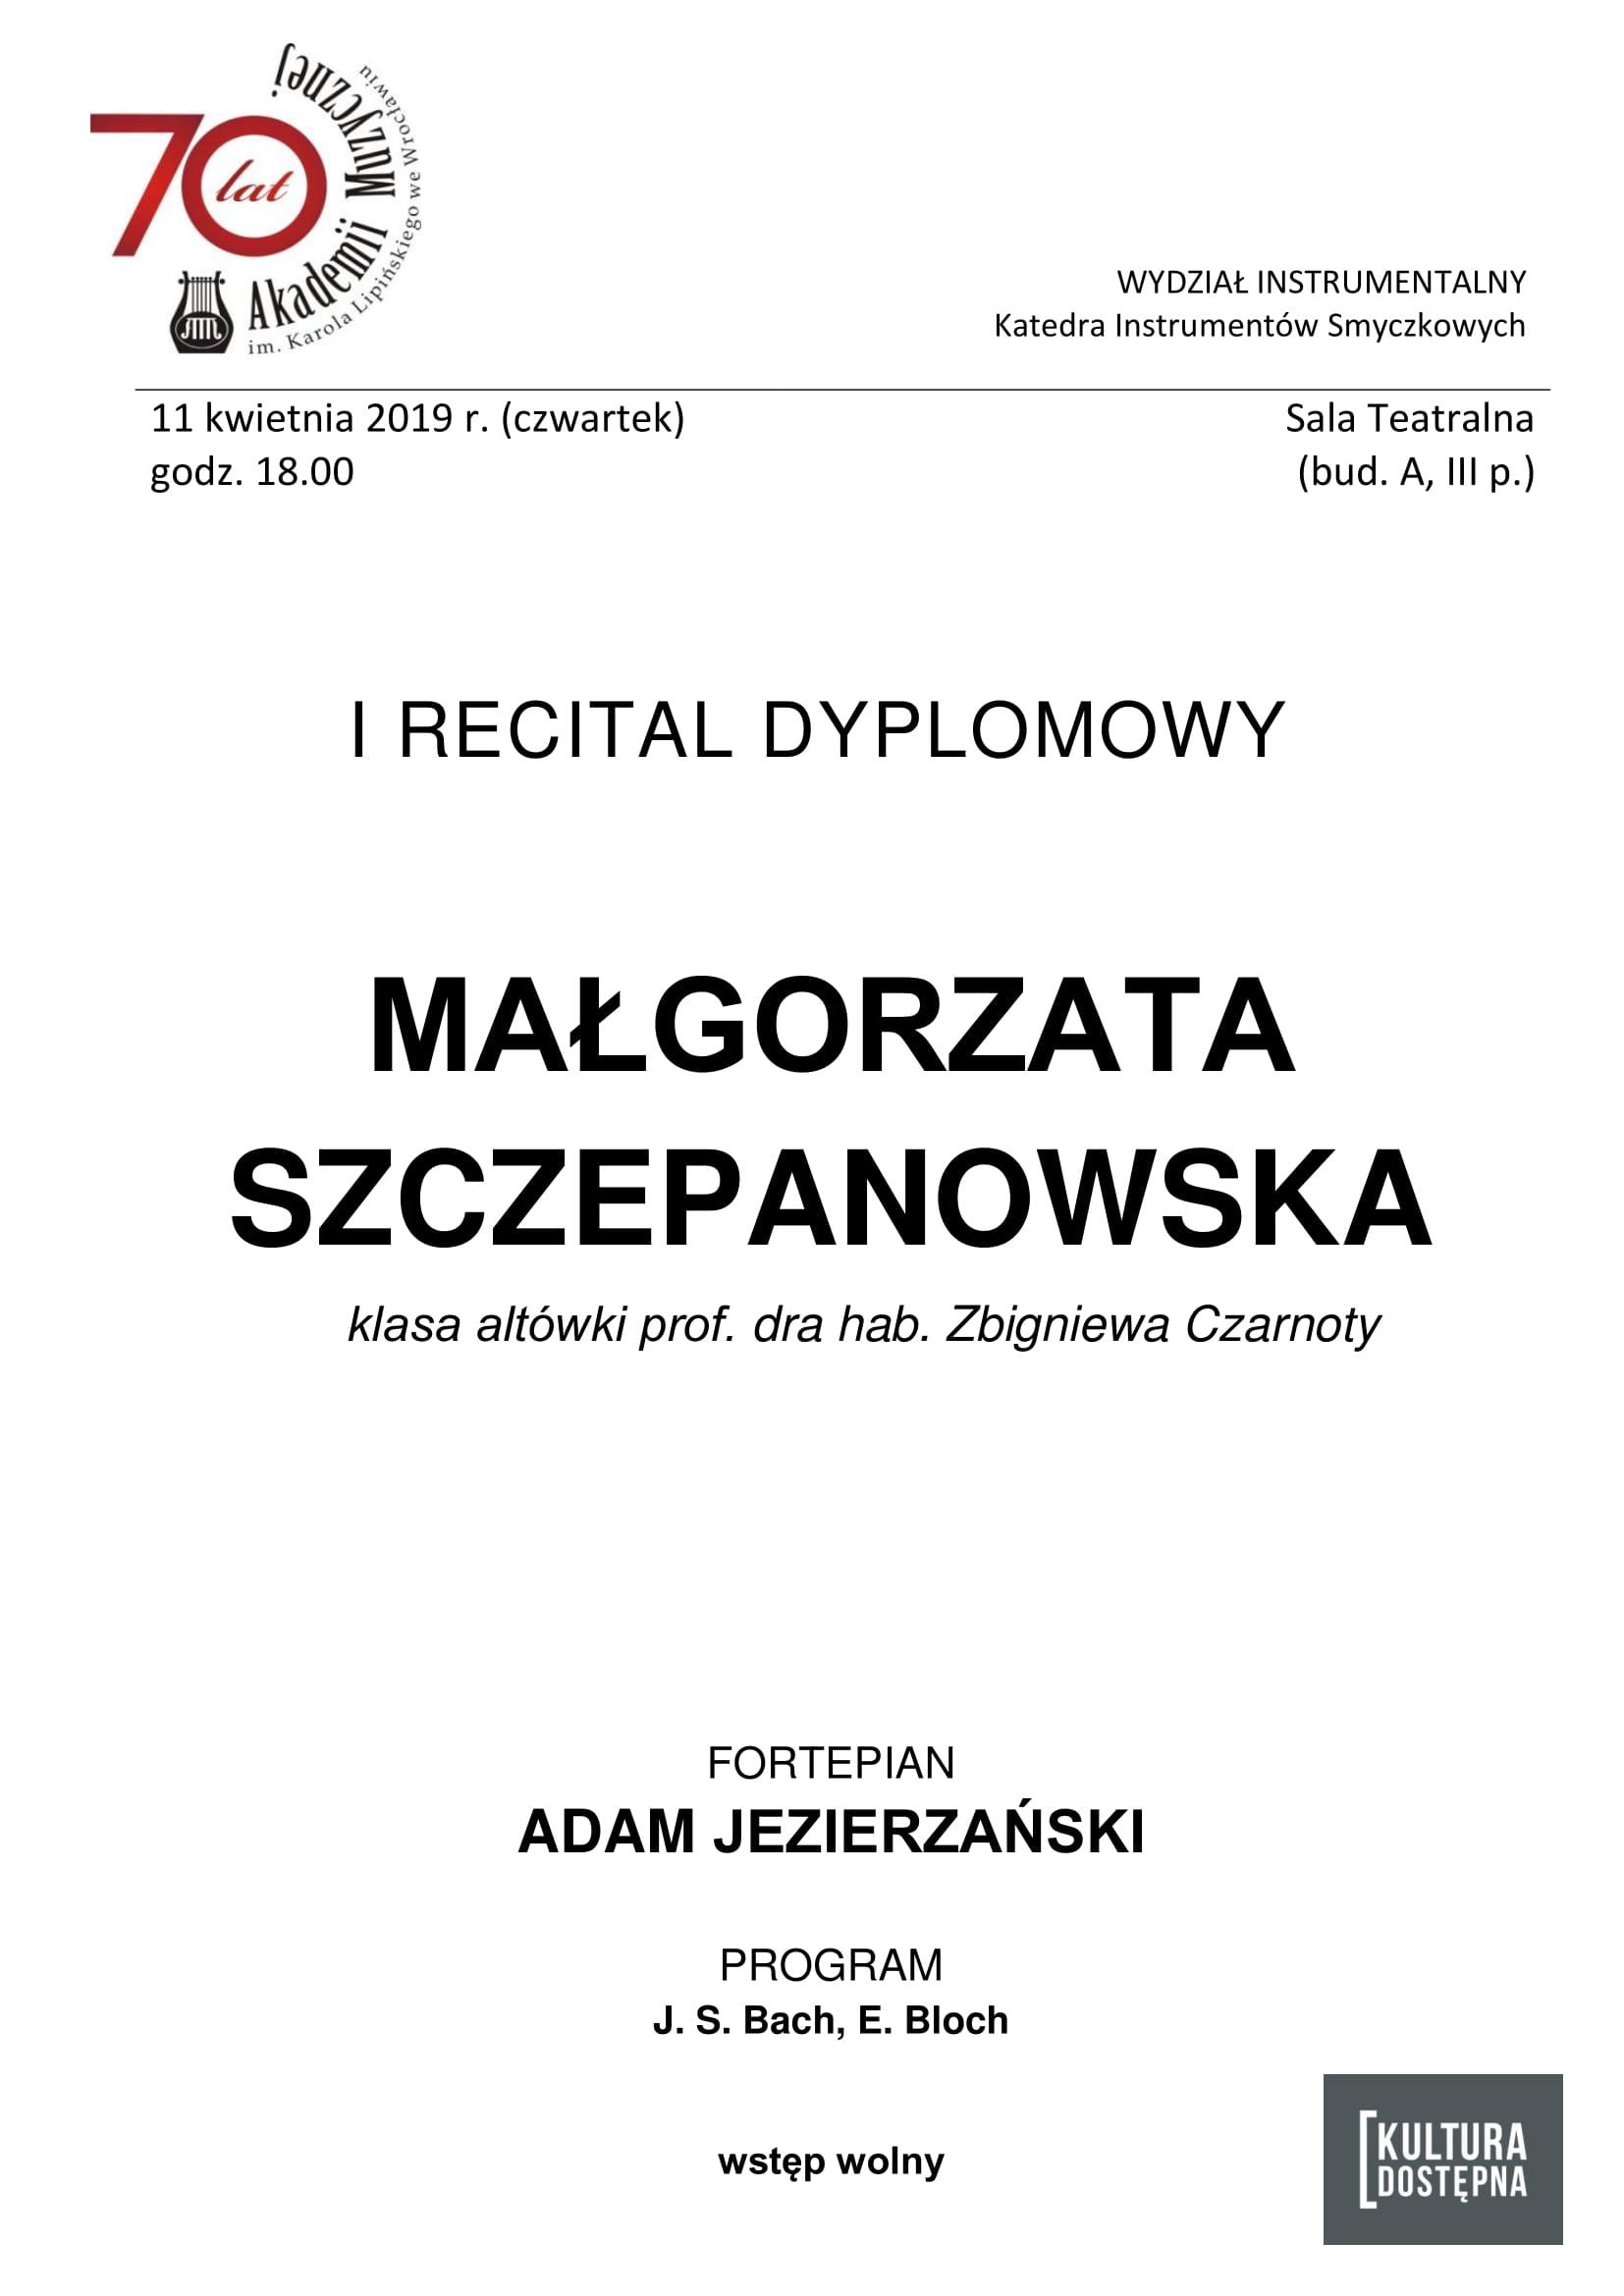 I recital dyplomowy - Małgorzata Szczepanowska (altówka)